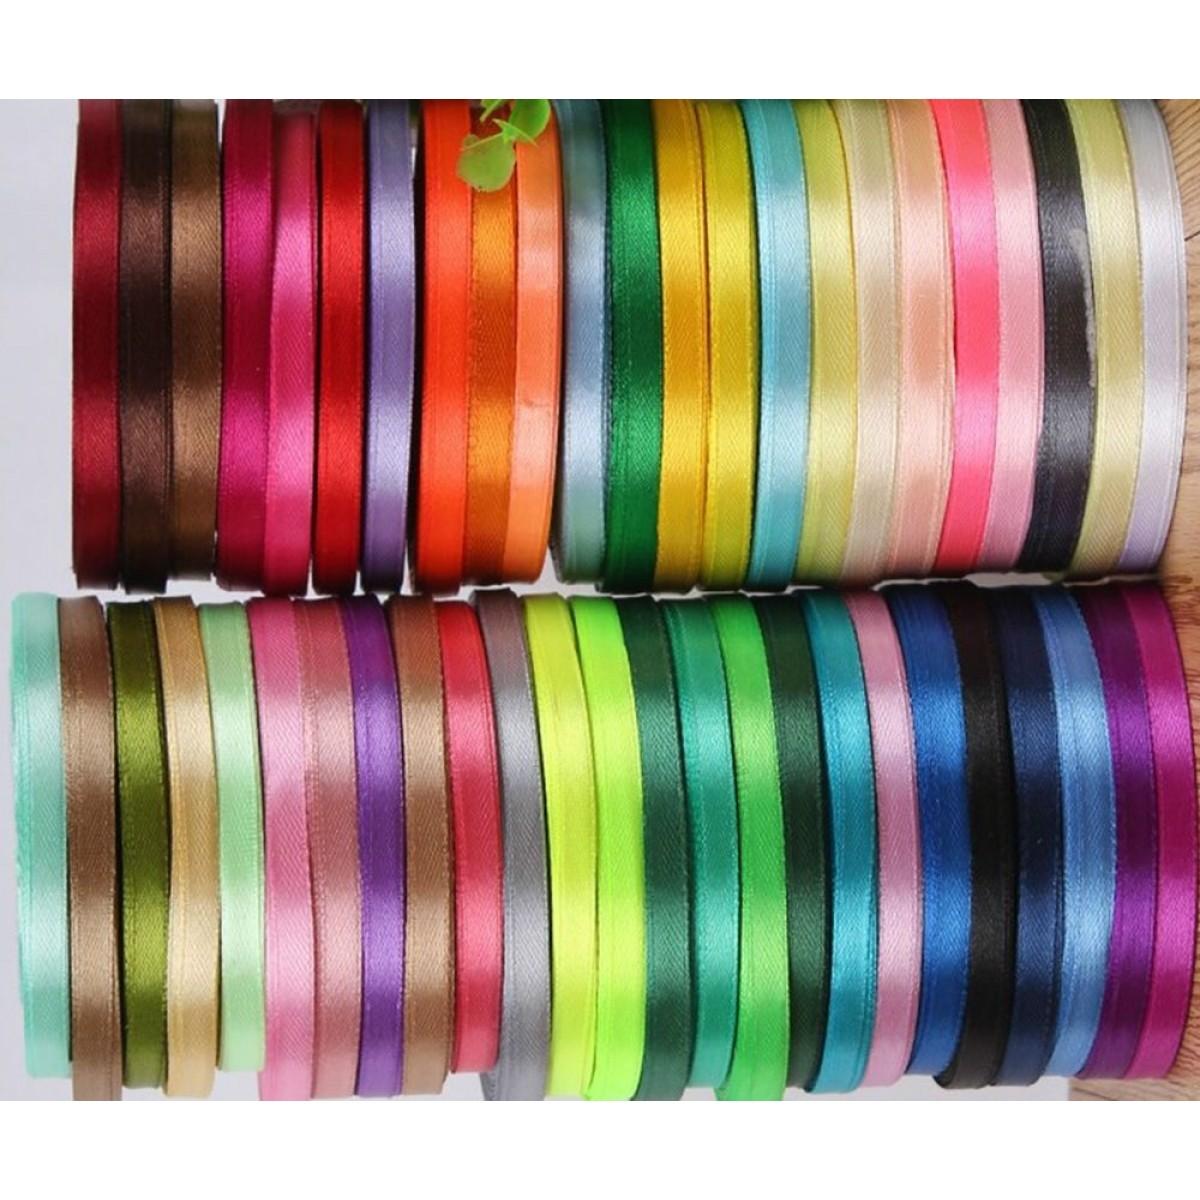 Κορδέλα Σατέν Διπλής Όψης 6mm Διάφορα Χρώματα